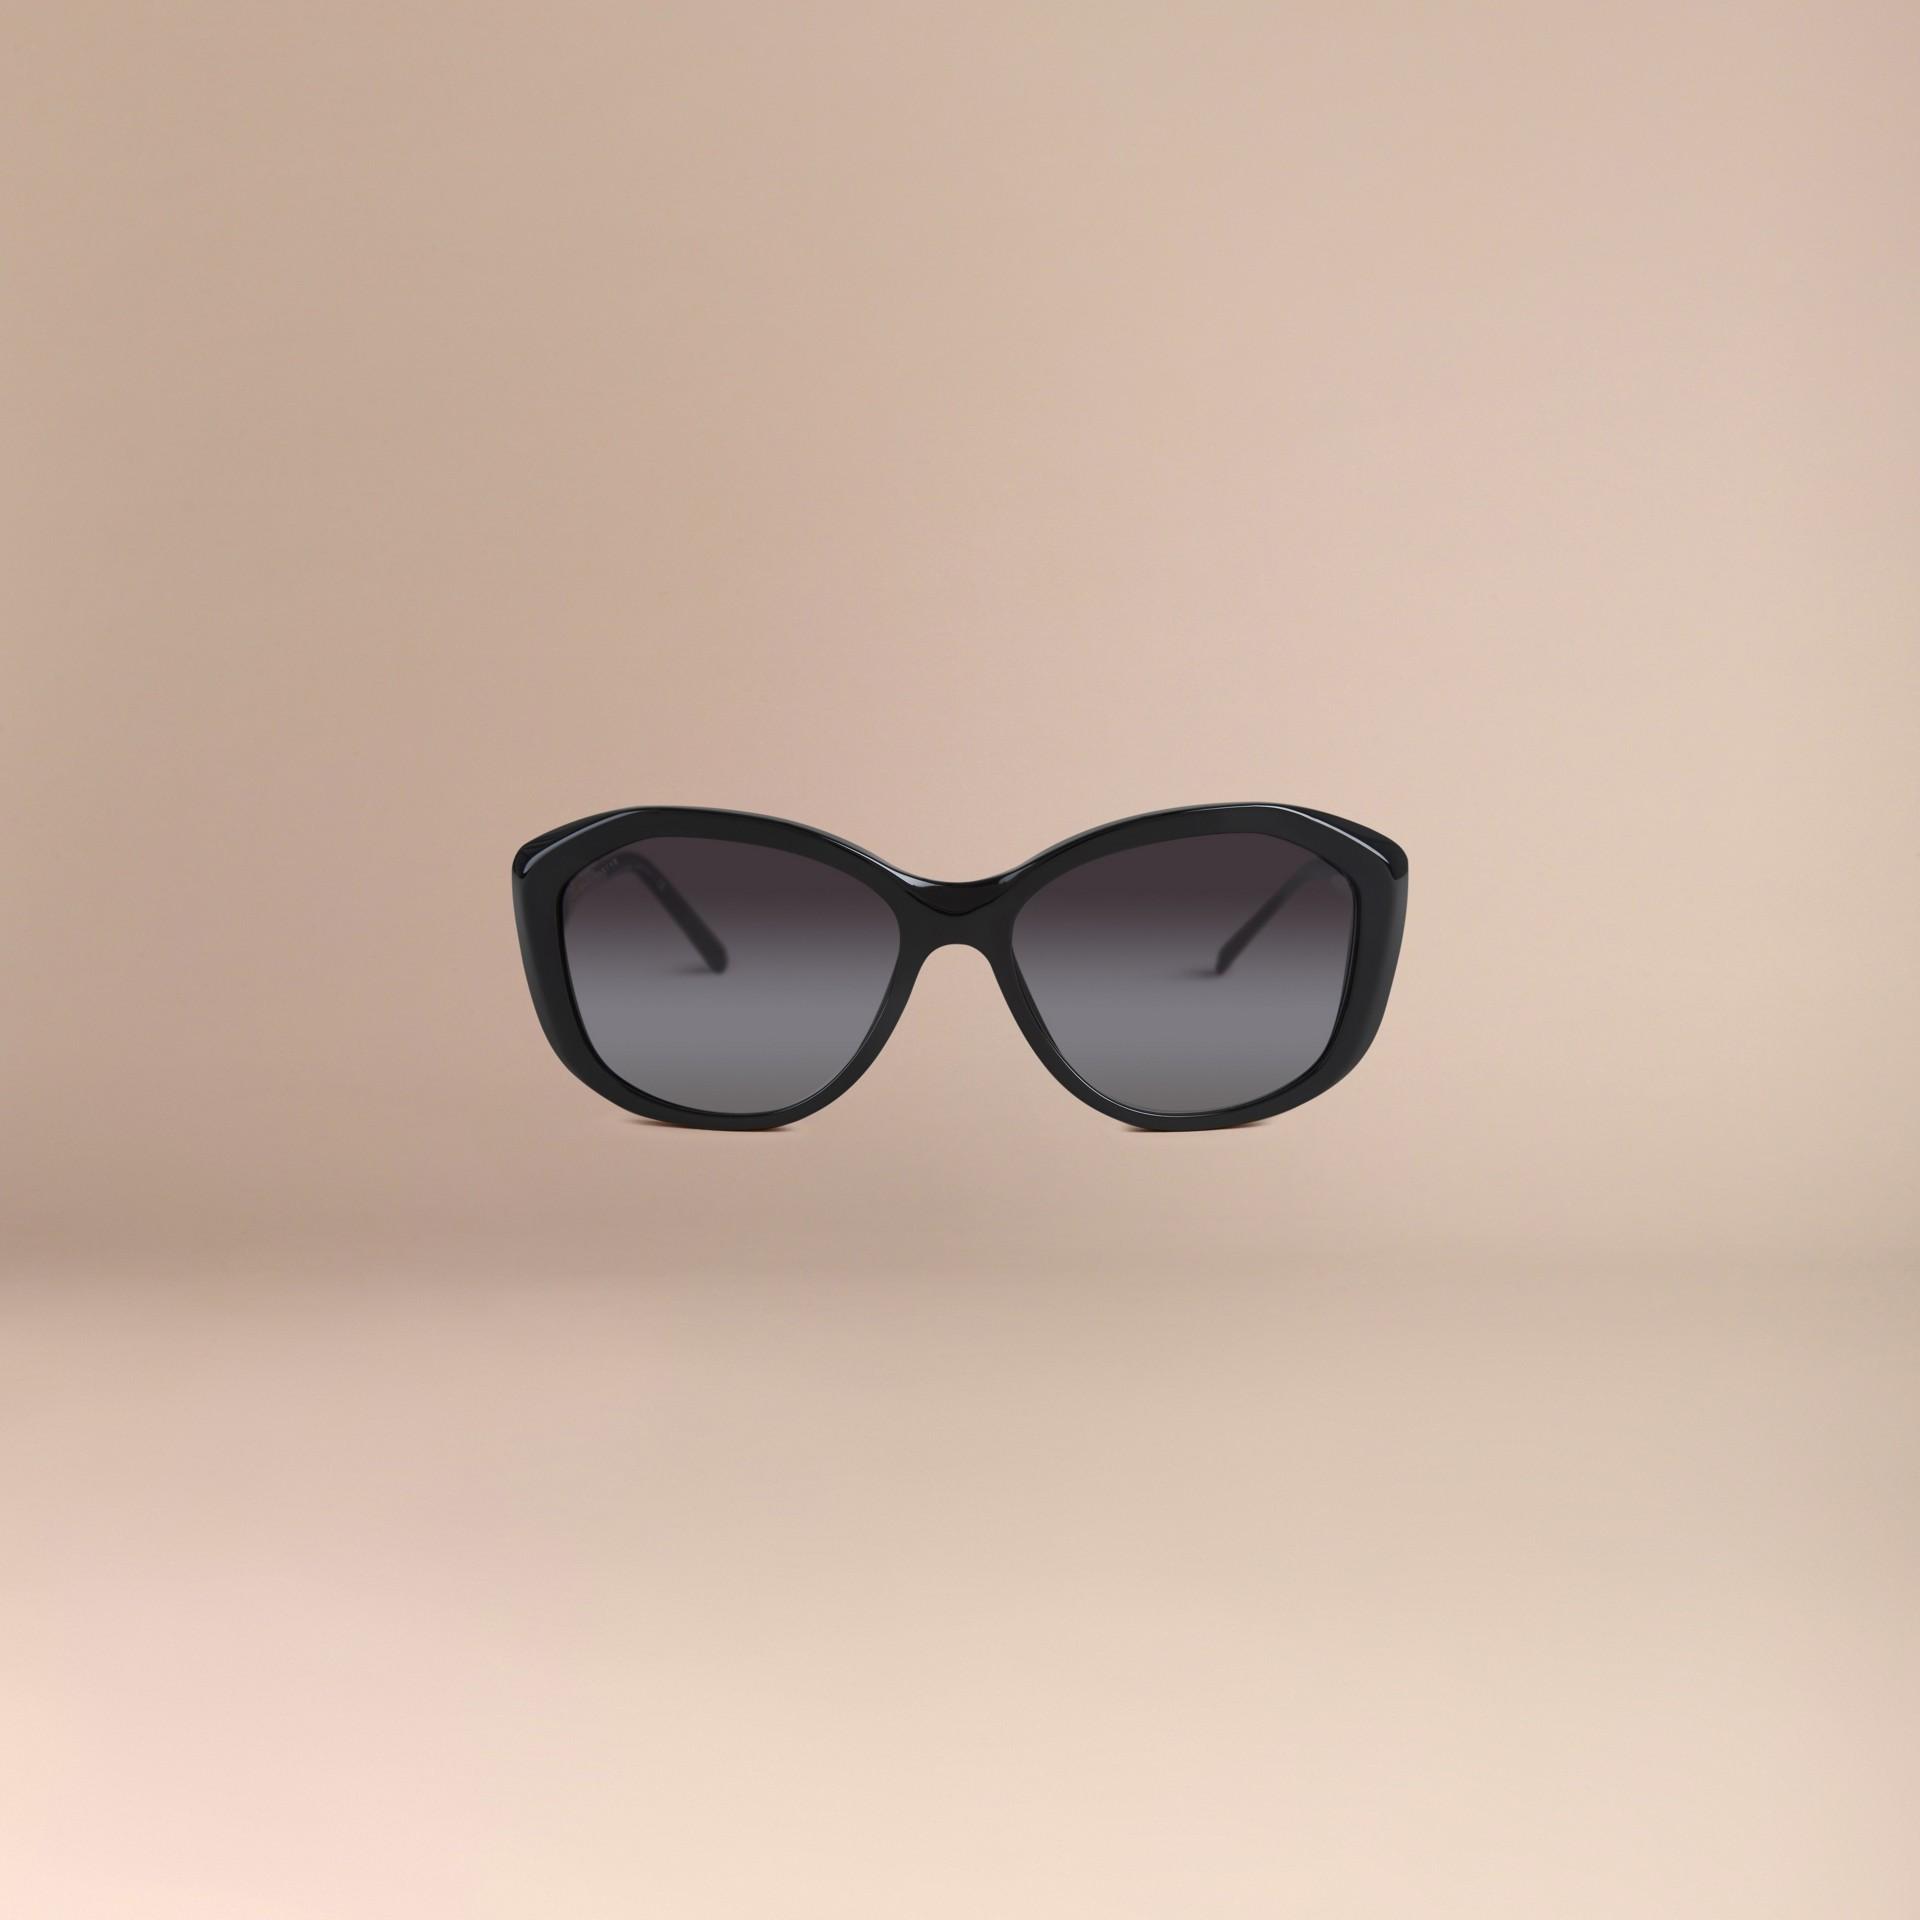 Nero Occhiali da sole con montatura quadrata collezione Gabardine Nero - immagine della galleria 3